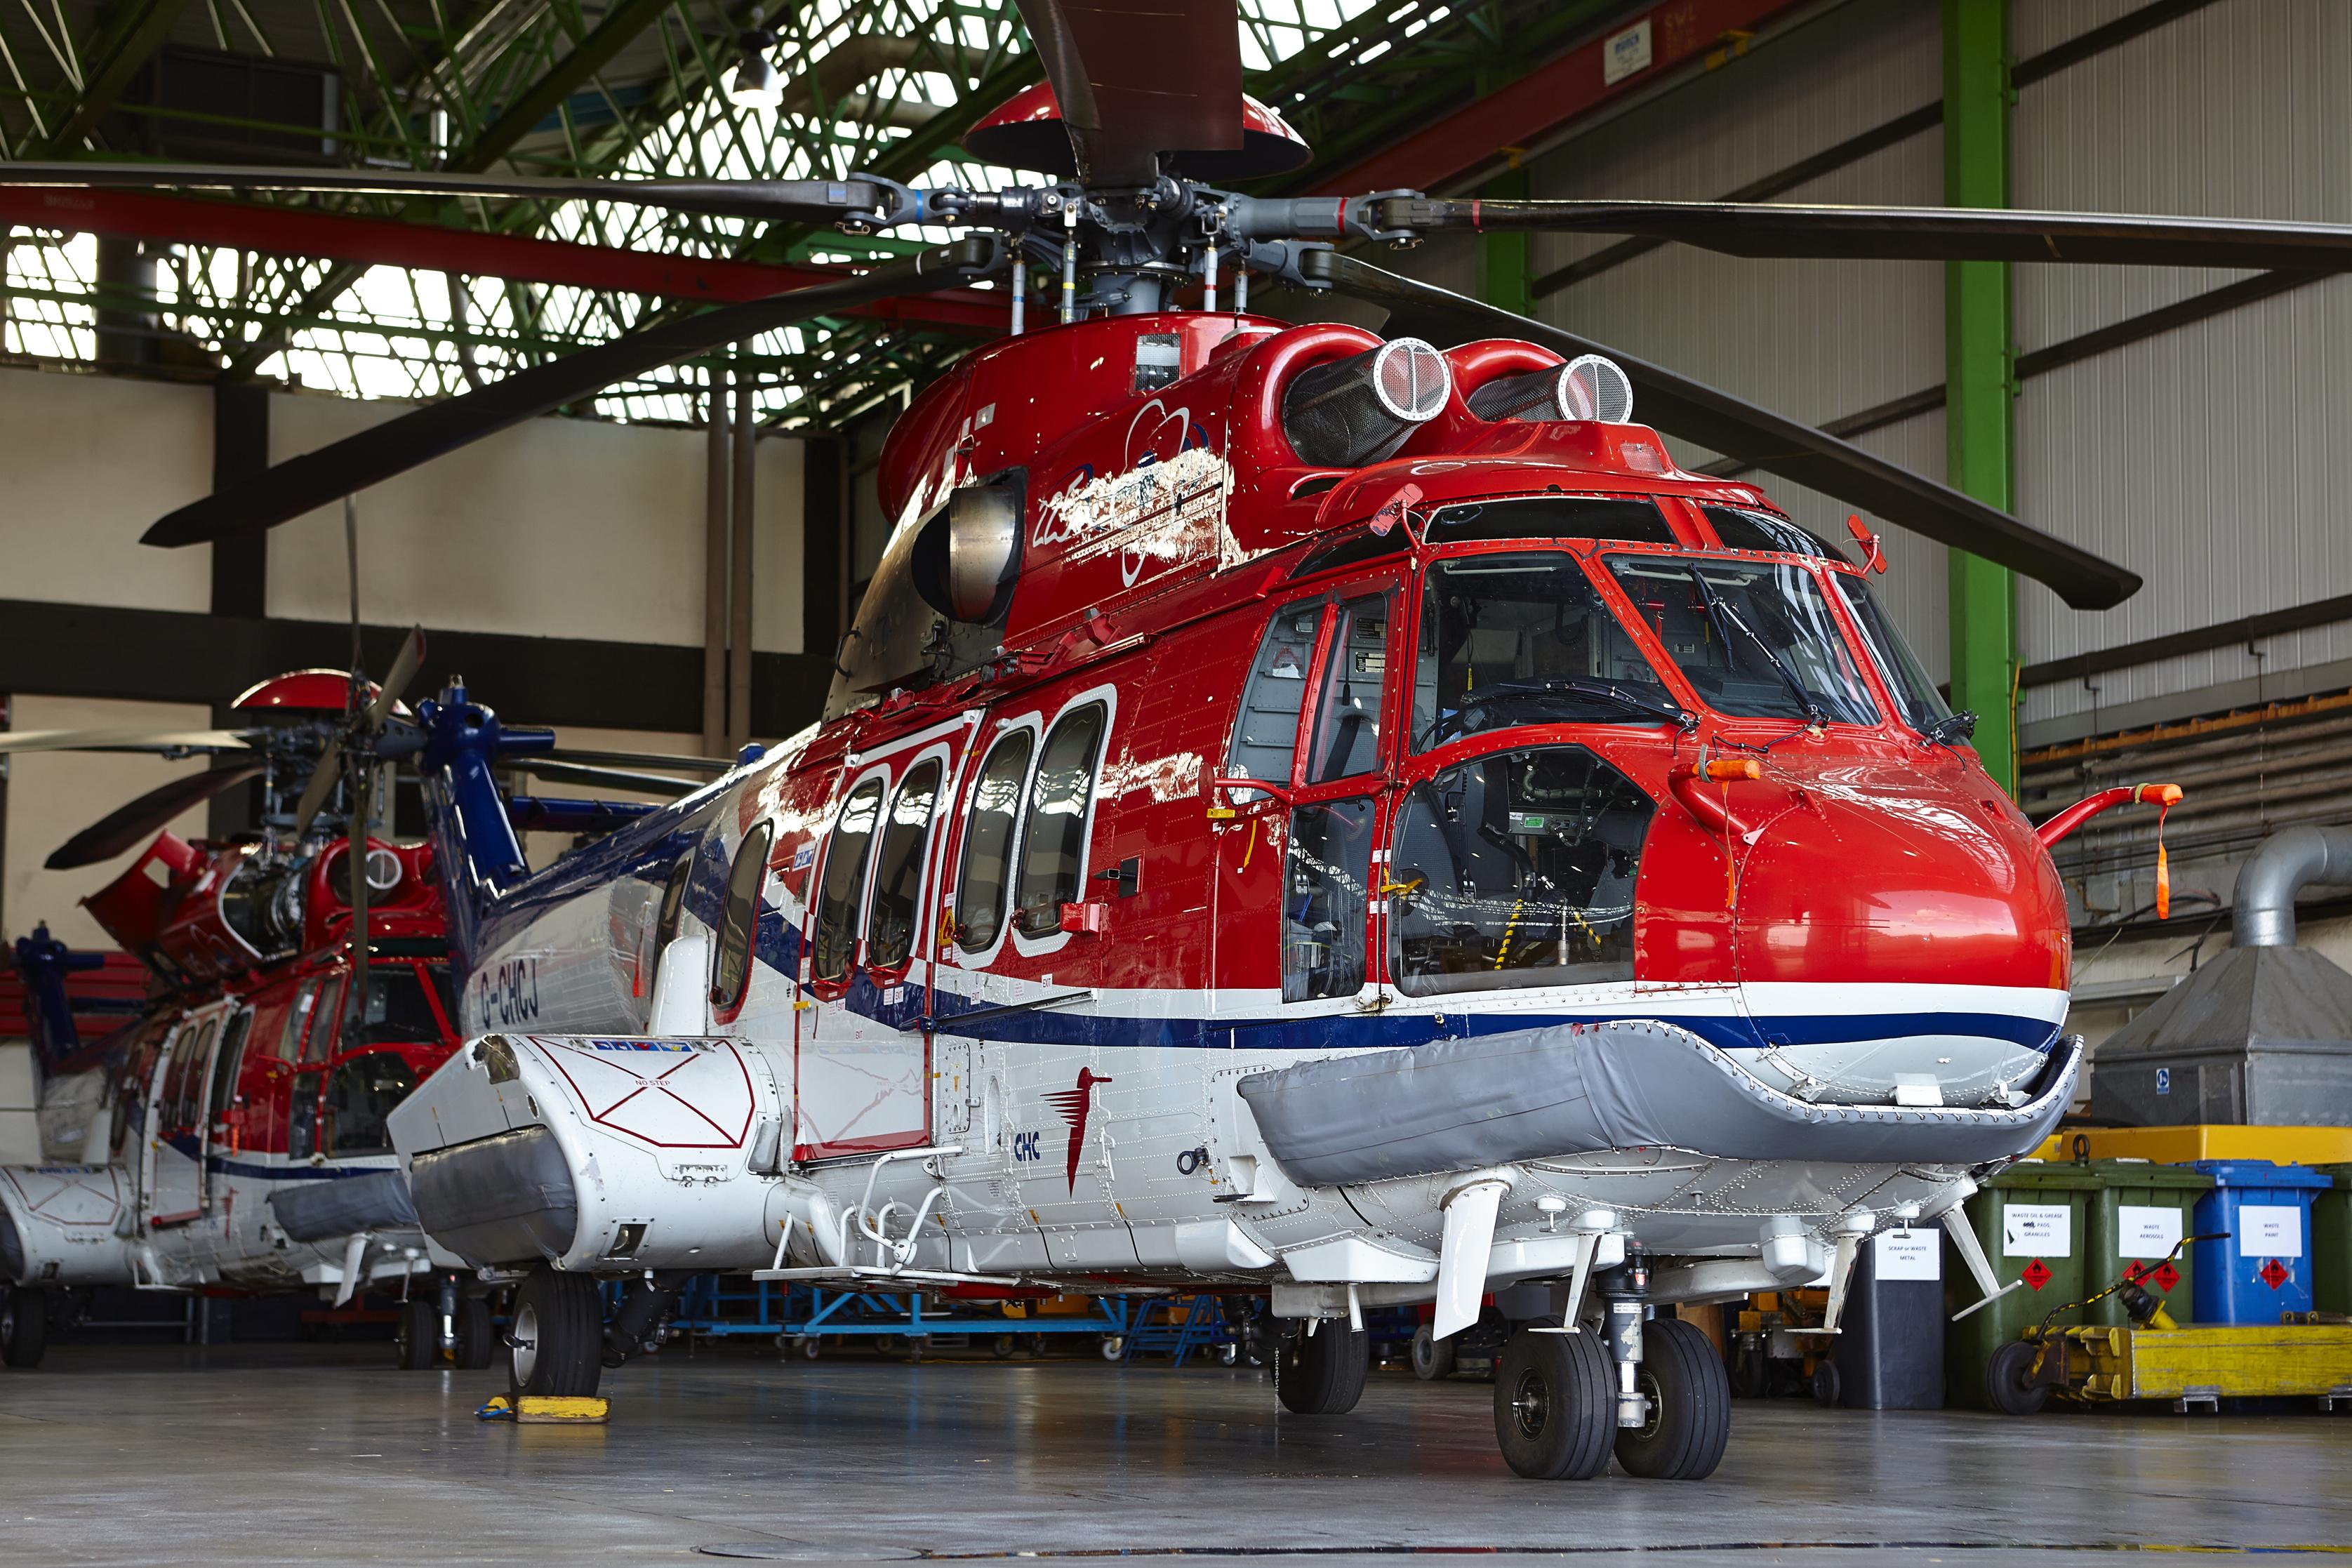 Вертолеты Airbus Helicopters H225 (EC225LP) компании CHC Helicopter в ангаре в Абердине (Великобритания). Теперь эти выведенные из эксплуатации вертолеты предполагаются к продаже для МВД Украины.